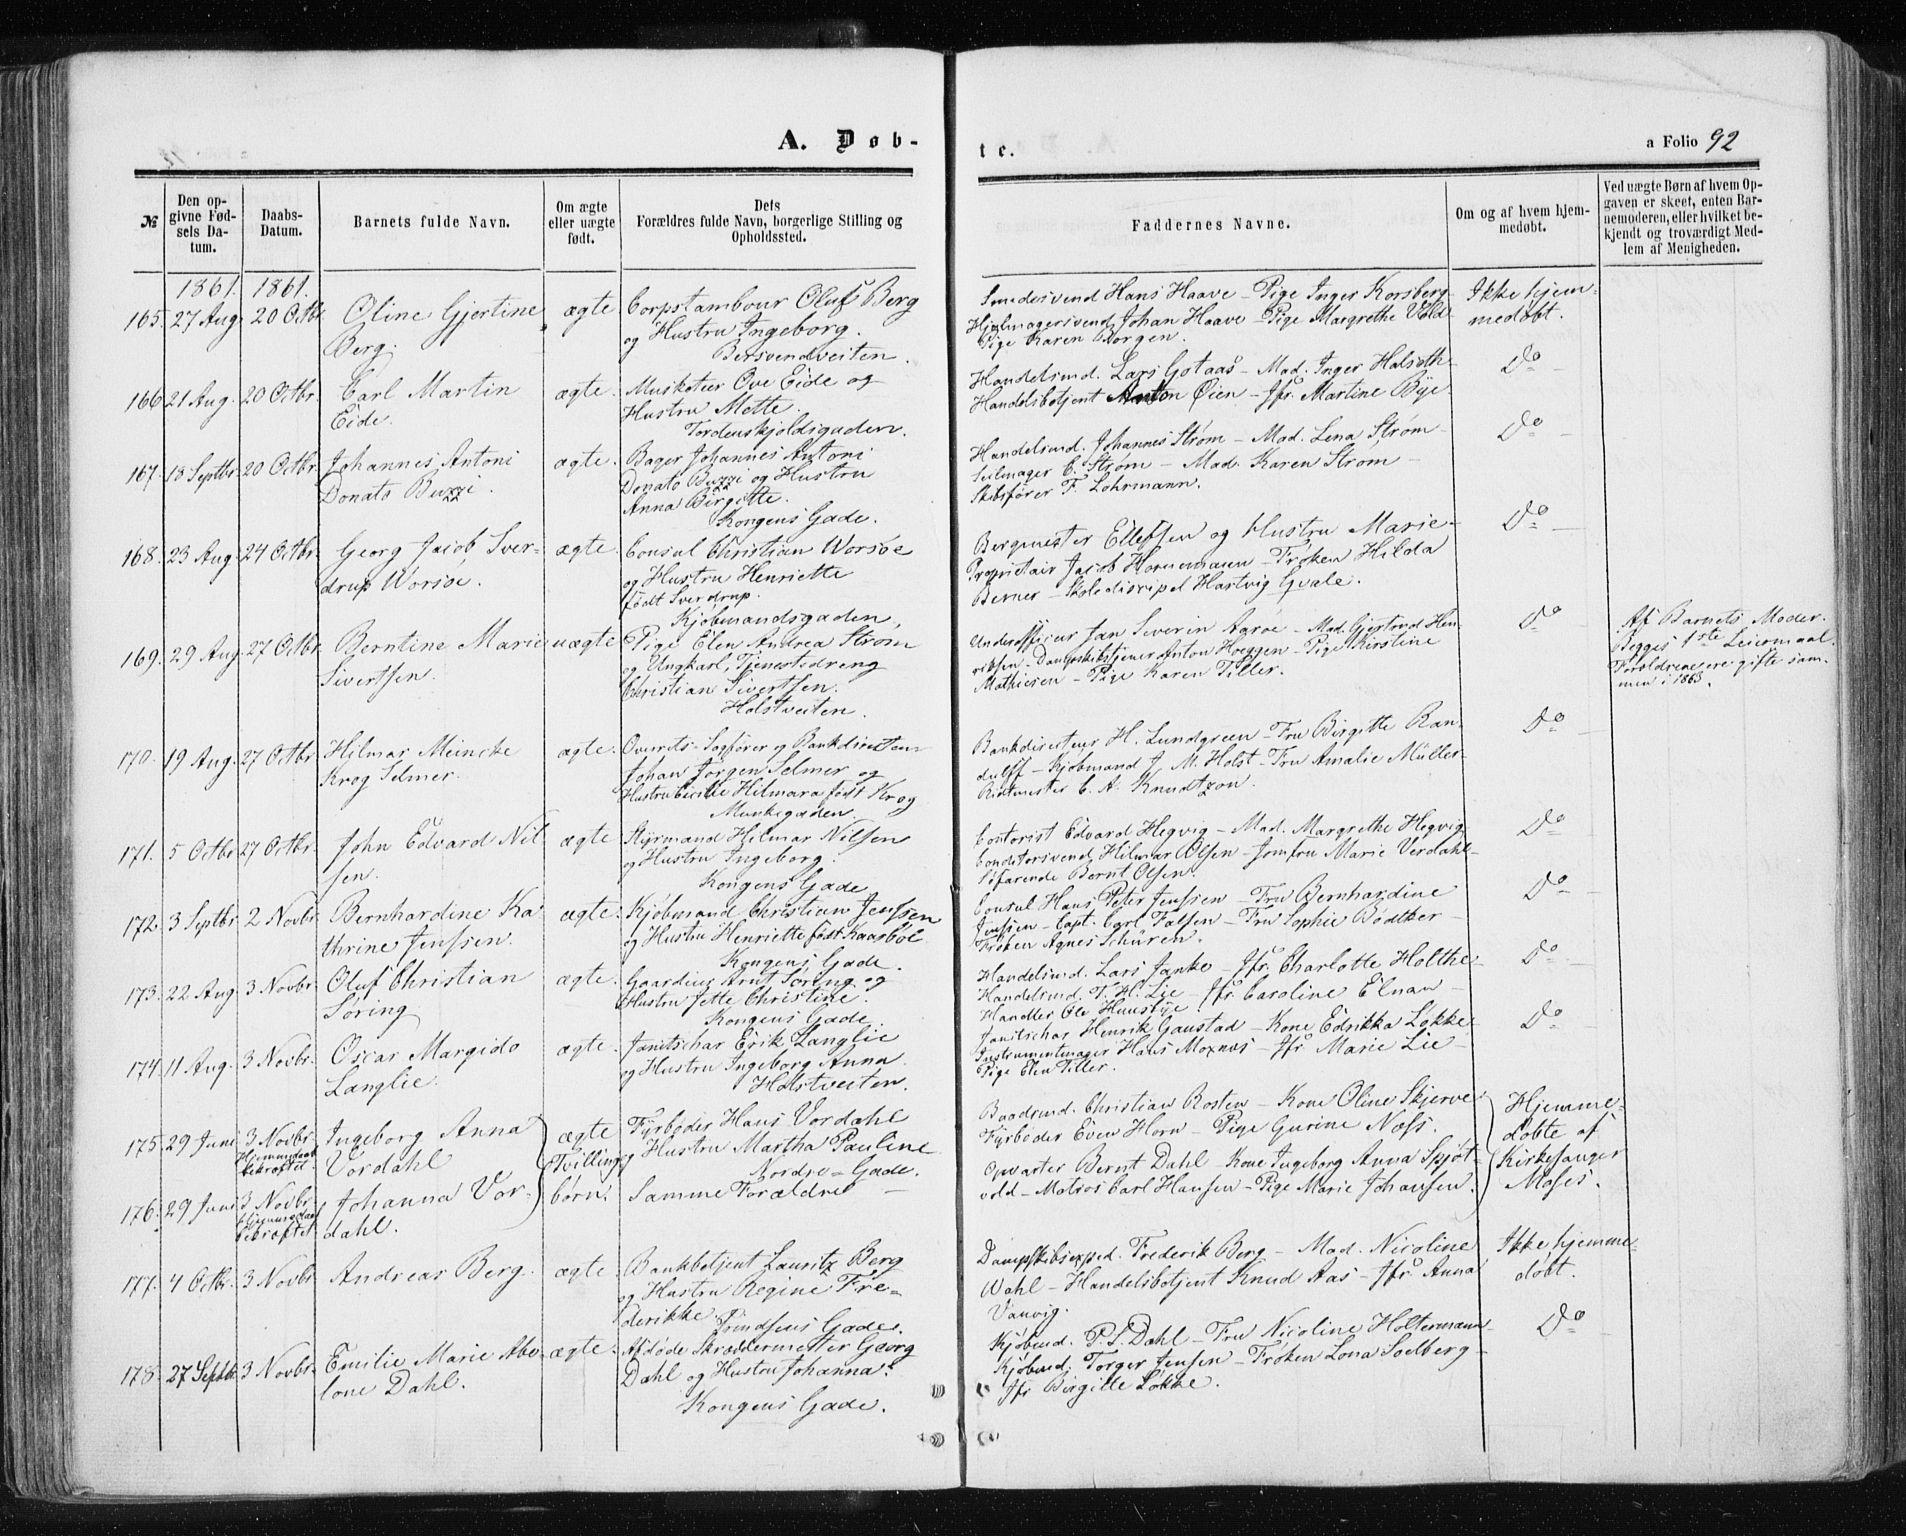 SAT, Ministerialprotokoller, klokkerbøker og fødselsregistre - Sør-Trøndelag, 601/L0053: Ministerialbok nr. 601A21, 1857-1865, s. 92